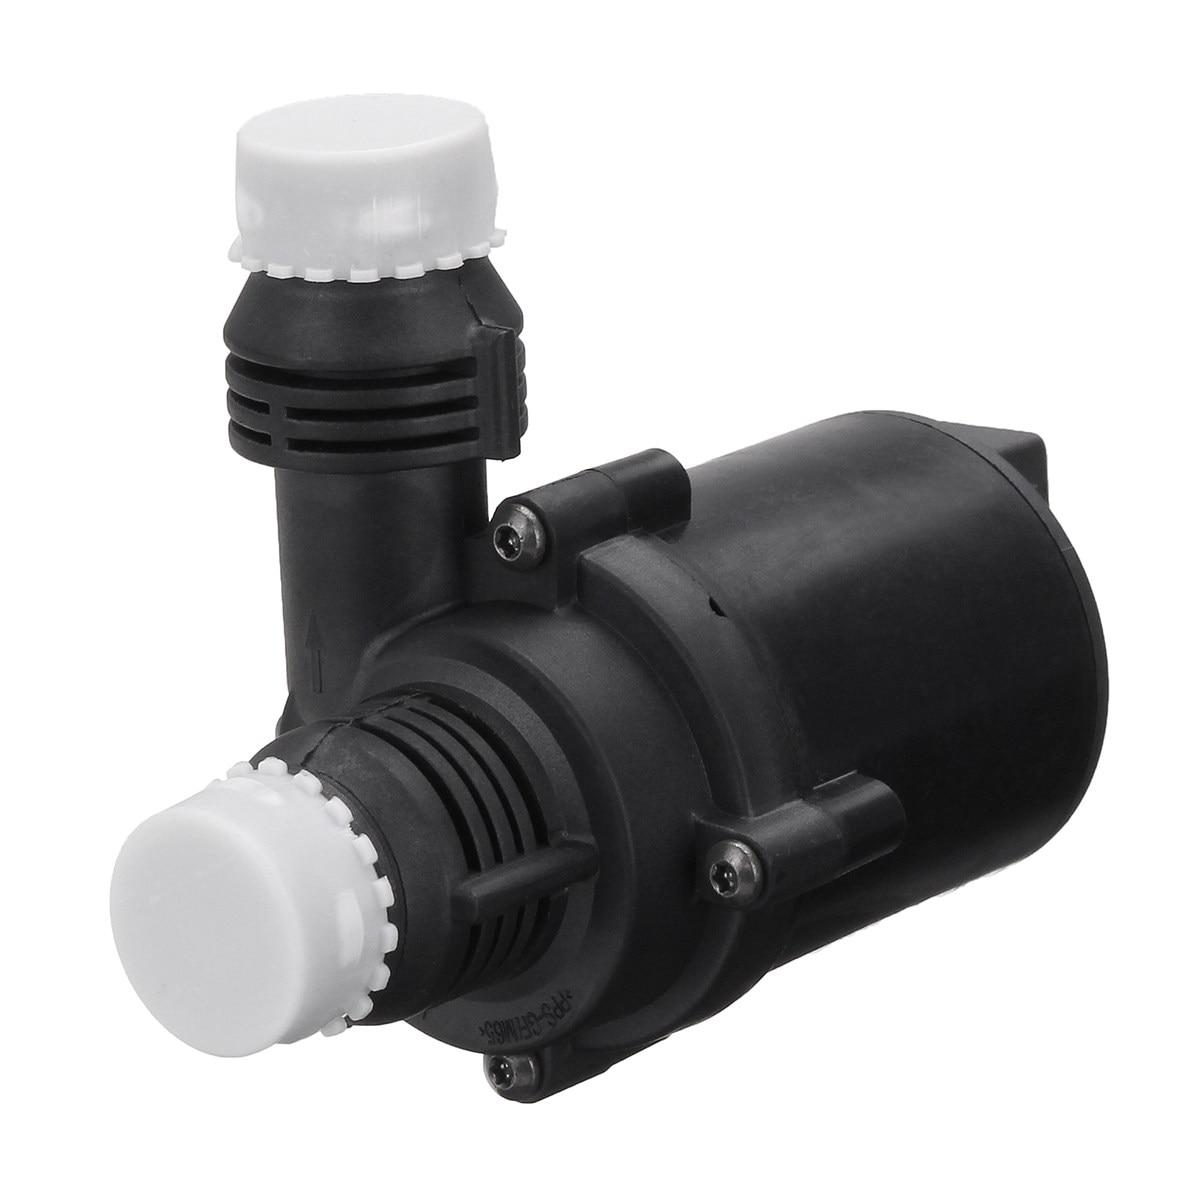 medium resolution of  64116903350 cooling water pump replacement for bmw e38 e39 e65 e66 e67 x5 e53 1994 1995 1996 1997 1998 1999 2000 2001 2002 2003